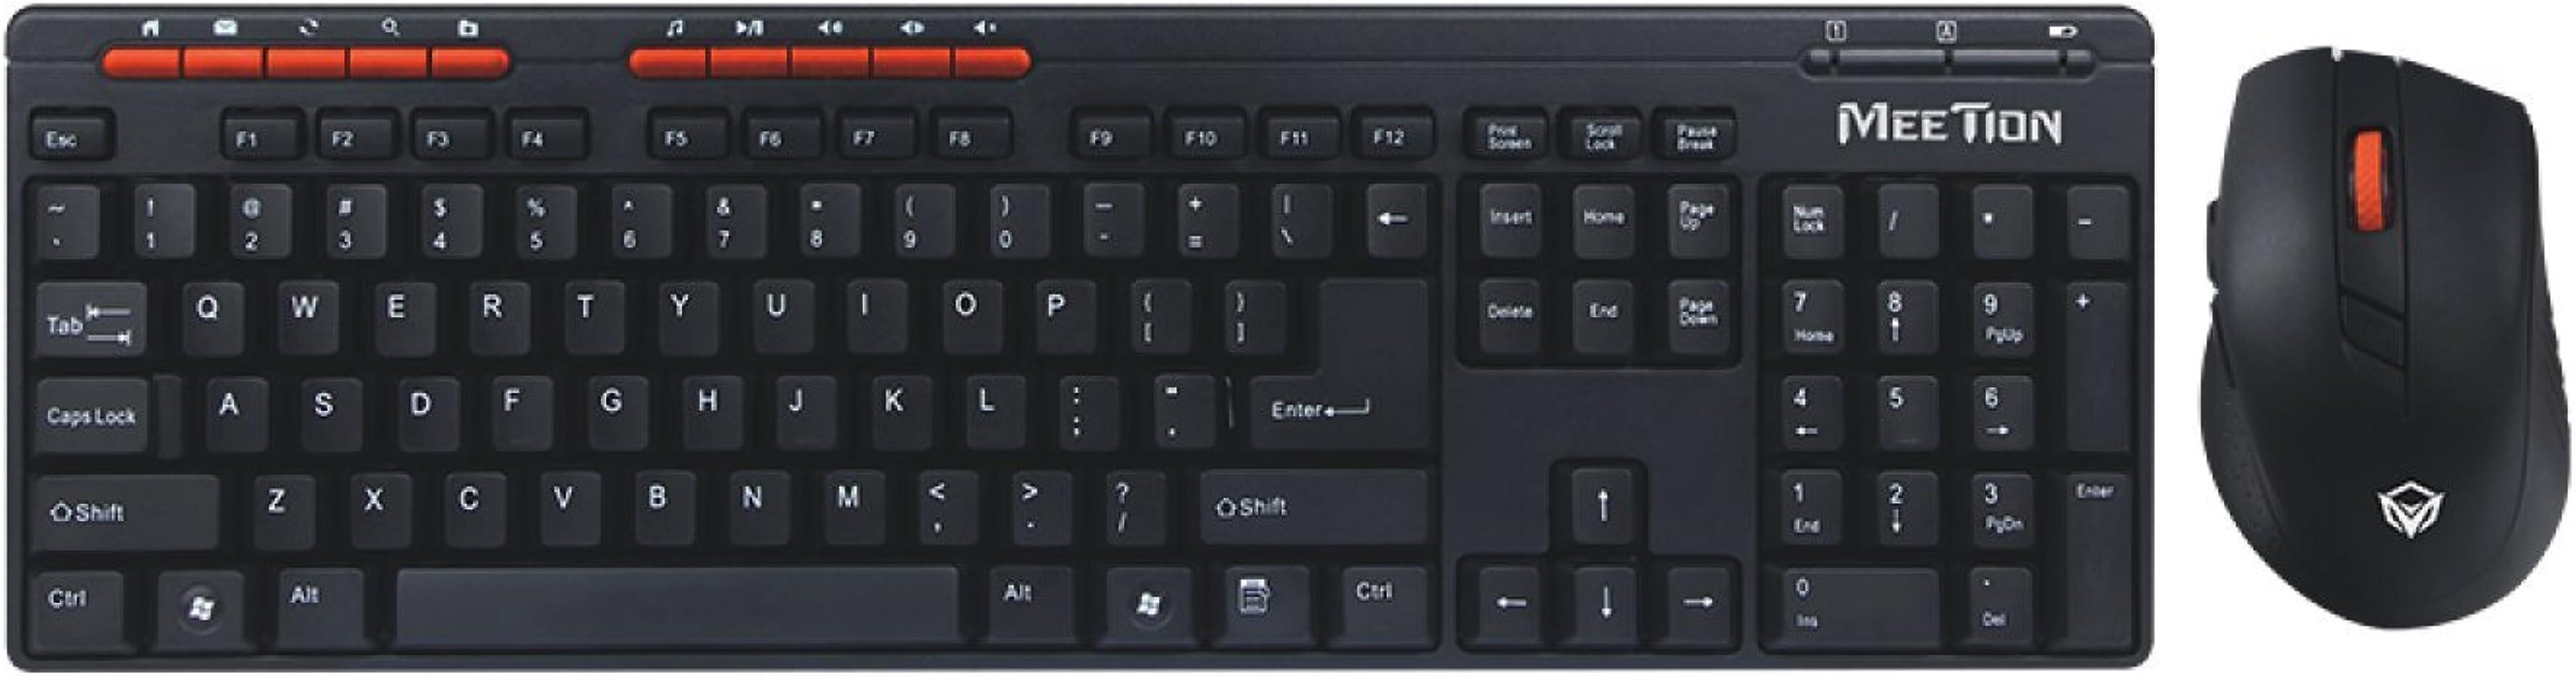 MEETION Pack de teclado y ratón inalámbricos, Teclado Oficina+ ...